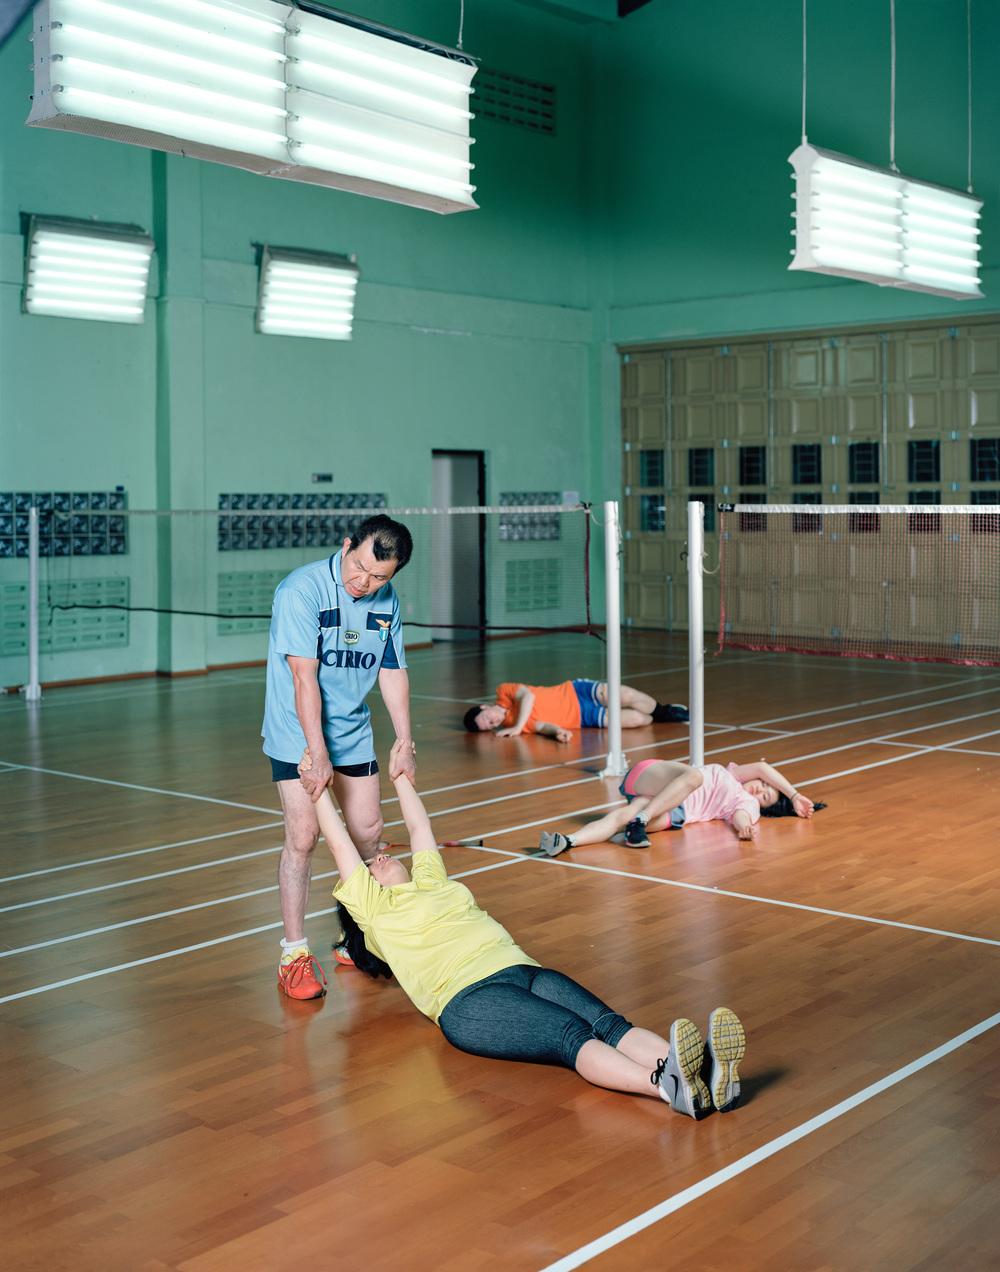 m-badminton2-as-Smart-Object-1-2.jpg